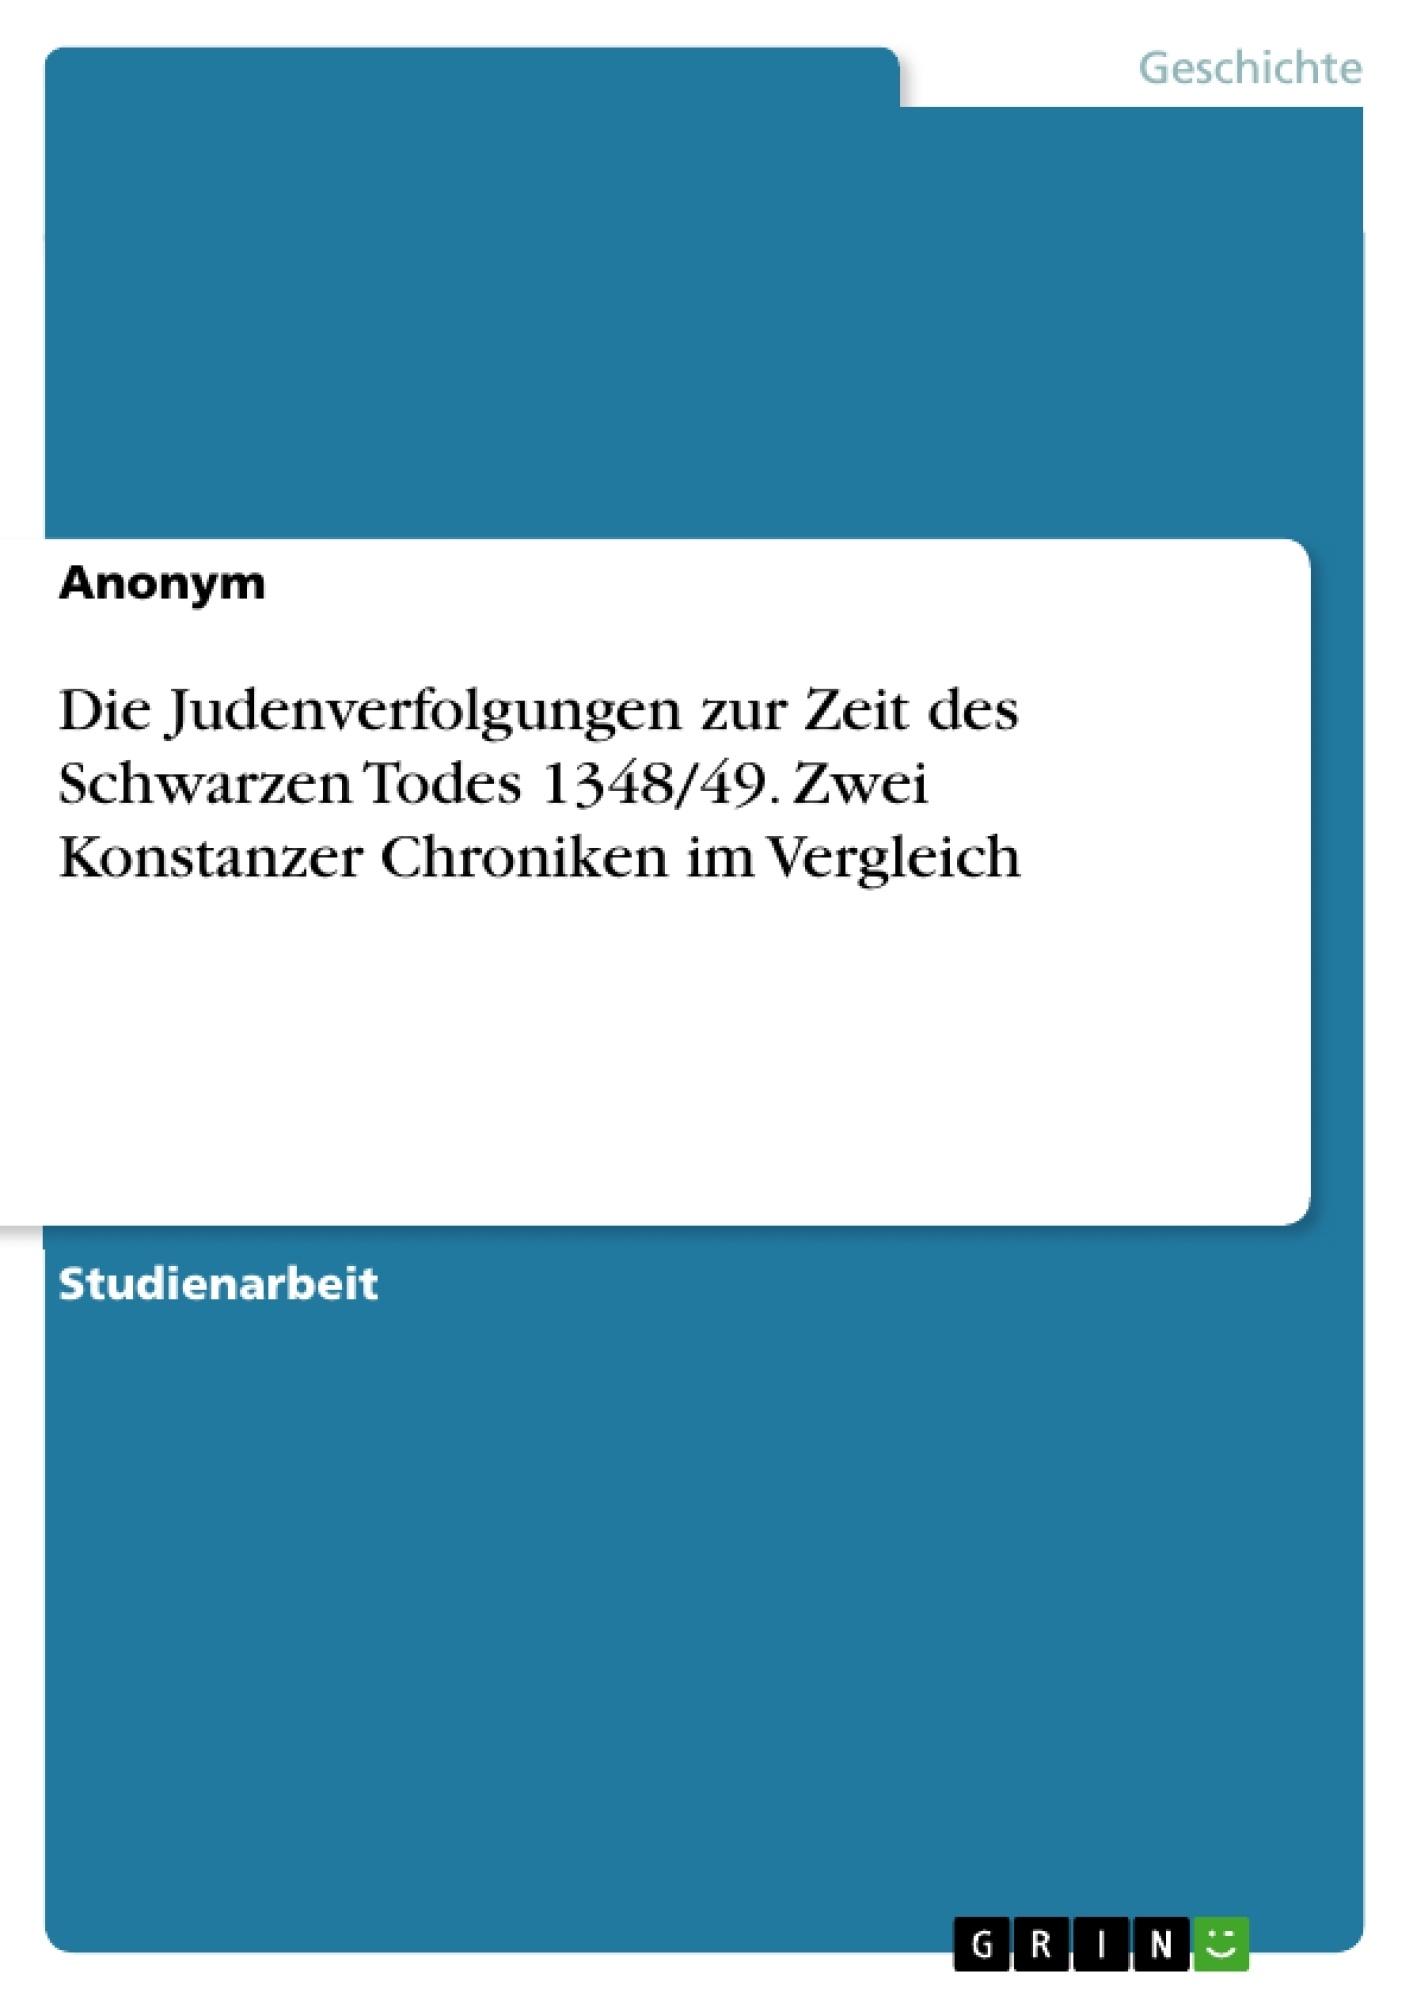 Titel: Die Judenverfolgungen zur Zeit des Schwarzen Todes 1348/49. Zwei Konstanzer Chroniken im Vergleich